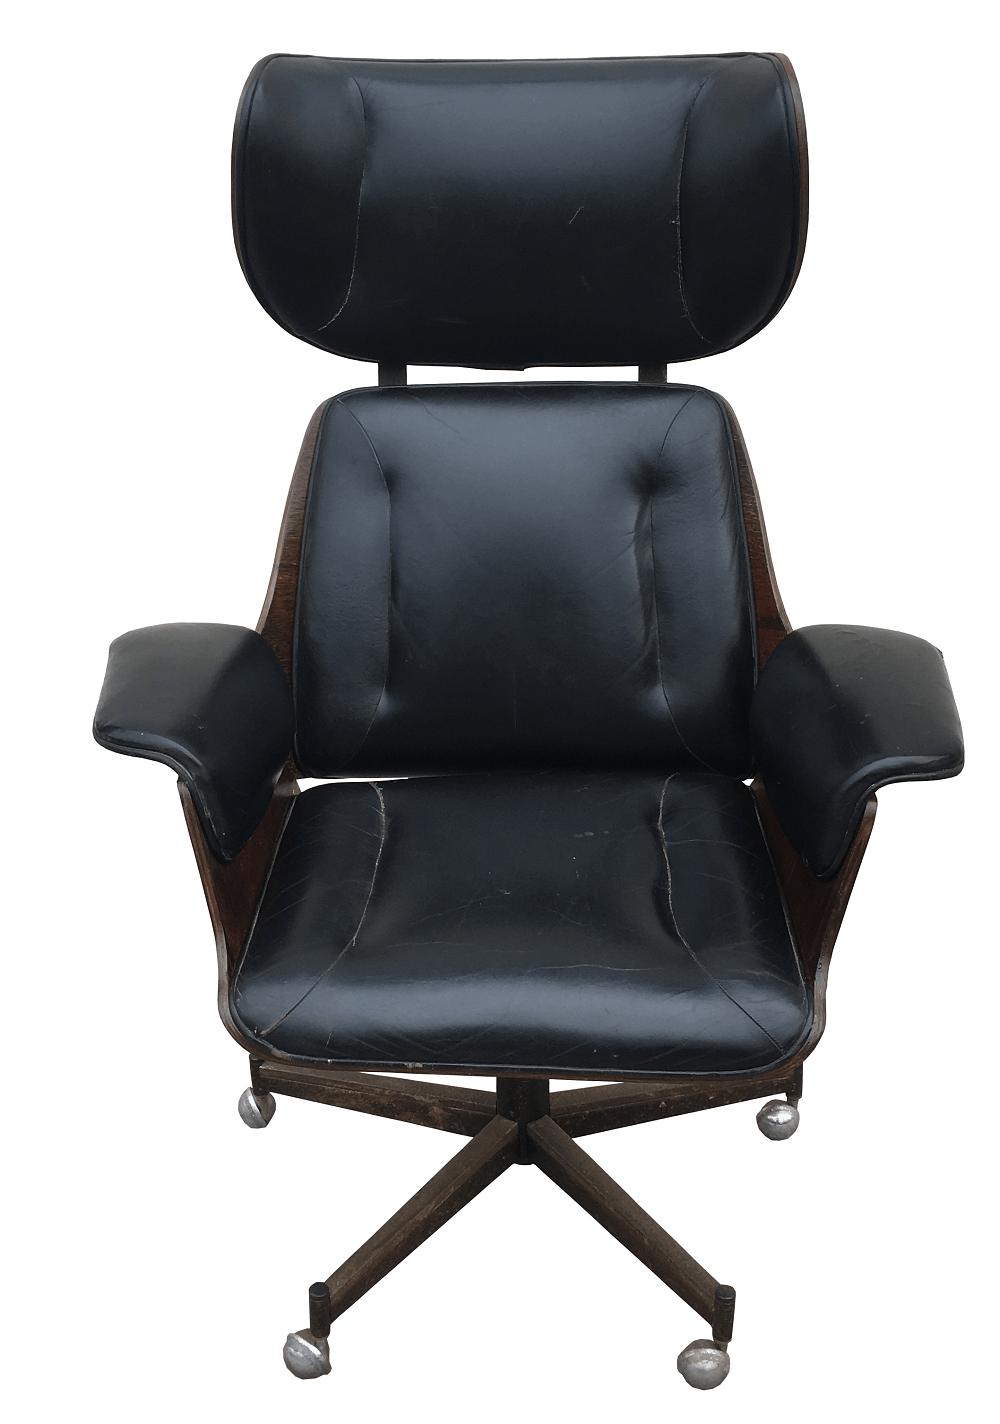 Cadeira Escritorio Antiga Design Estilo Charles Eames